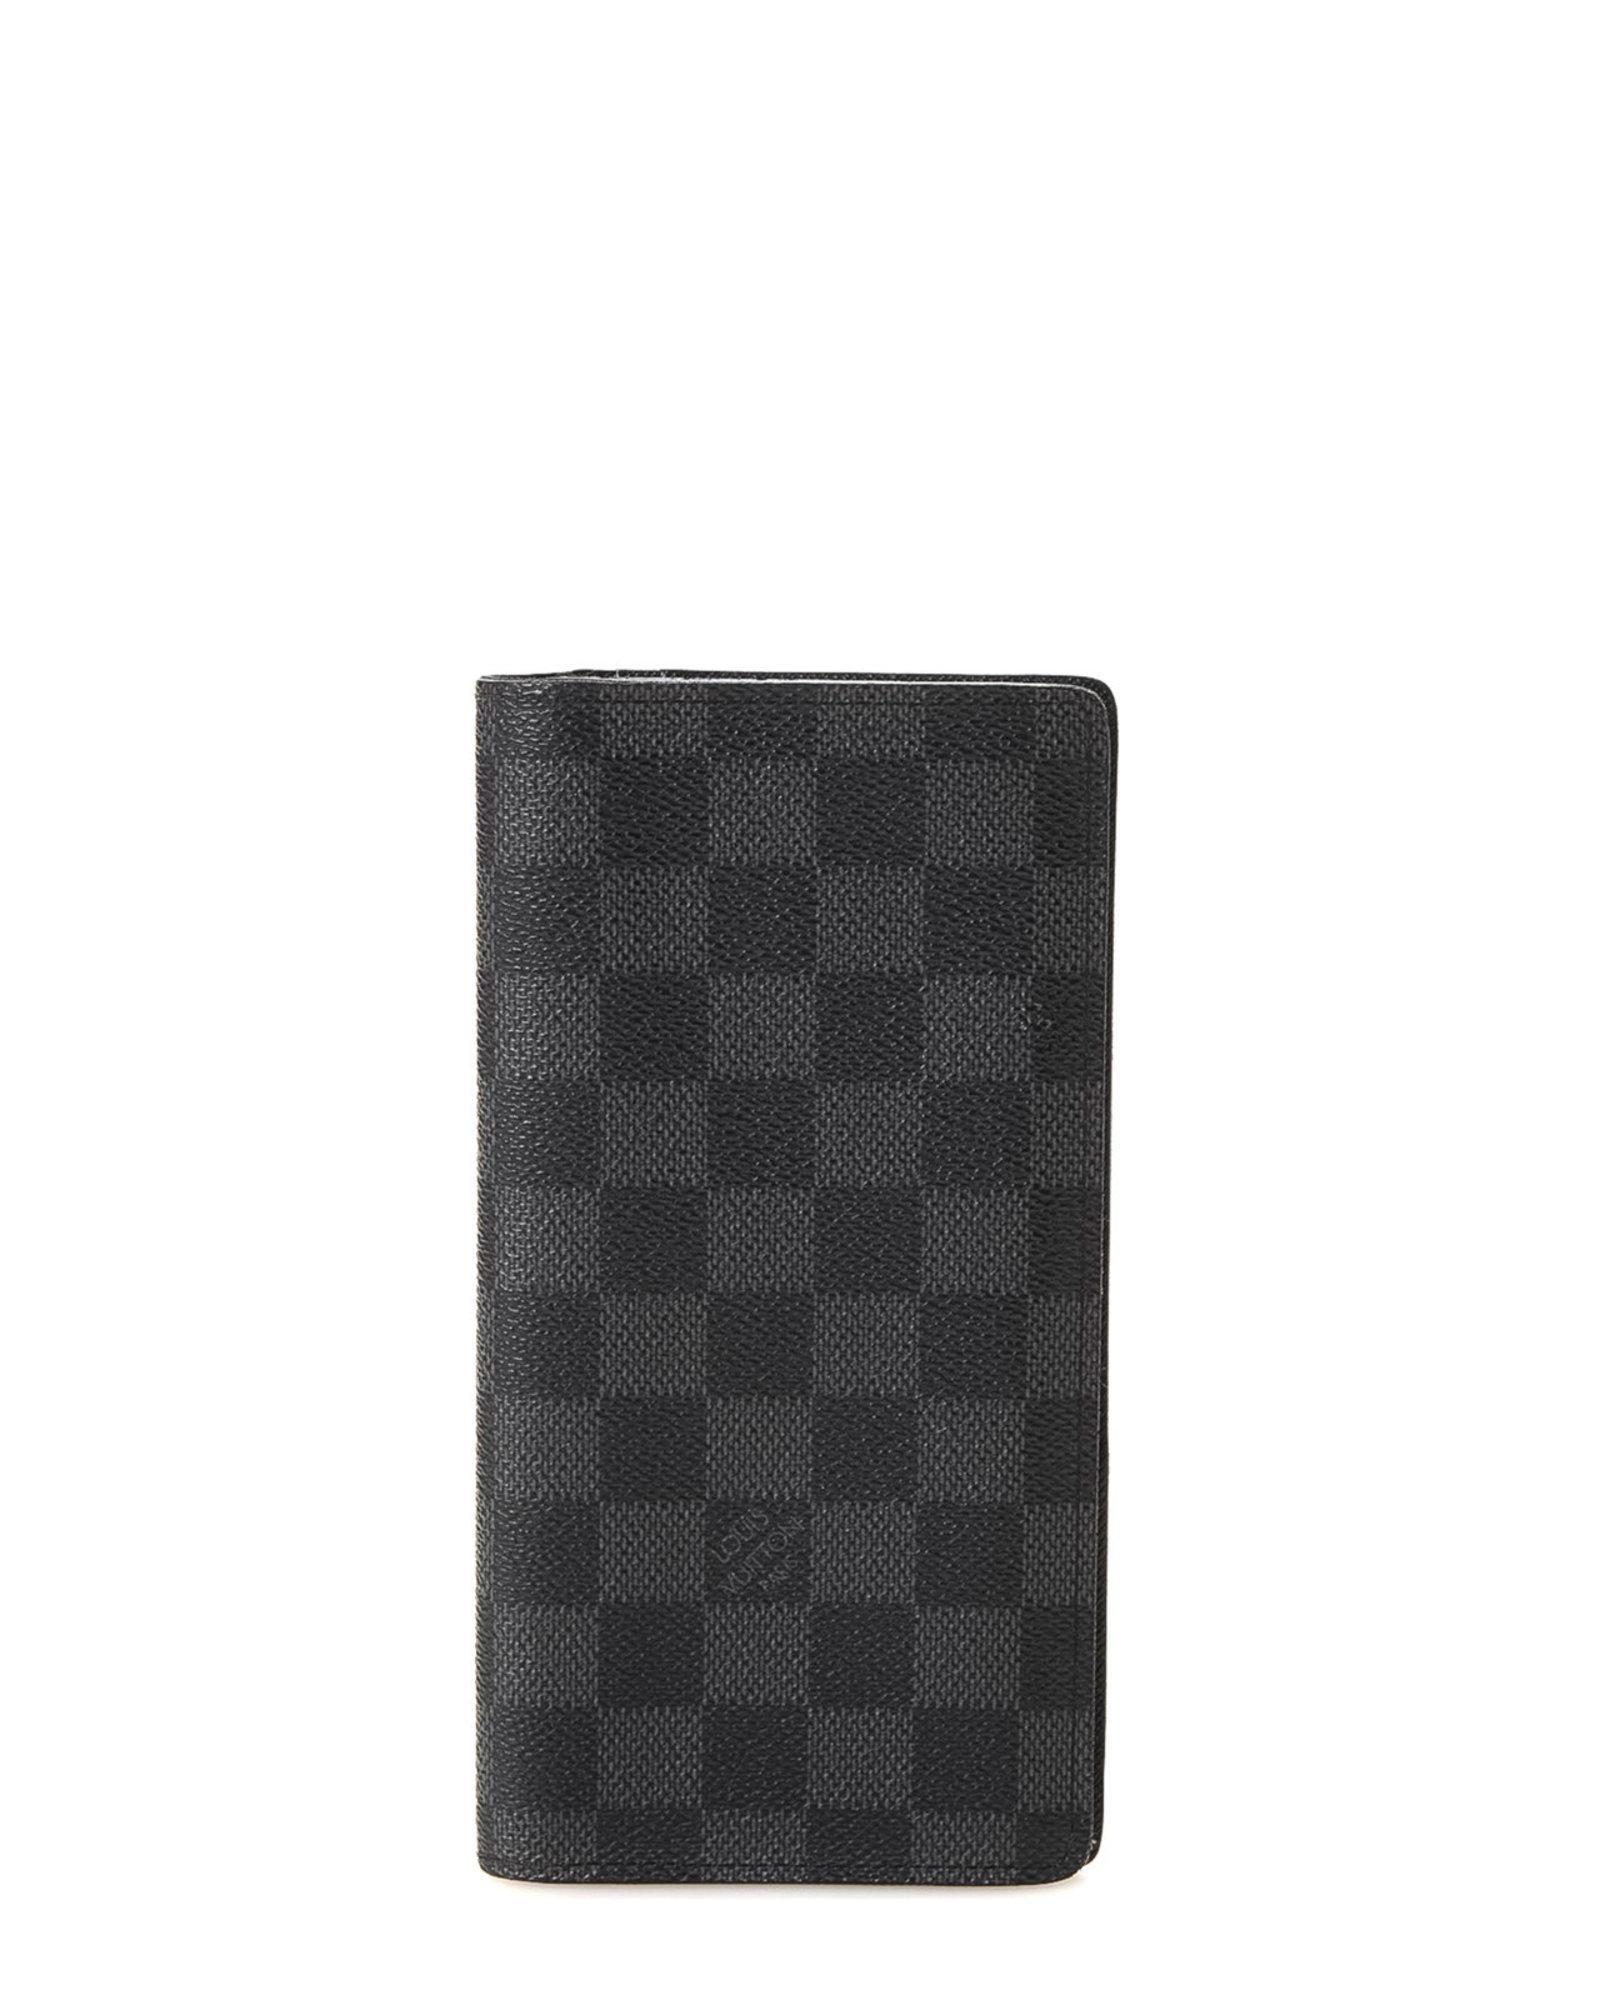 e4d76a2bc1e4 Lyst - Louis Vuitton Damier Graphite Brazza Wallet - Vintage in Black